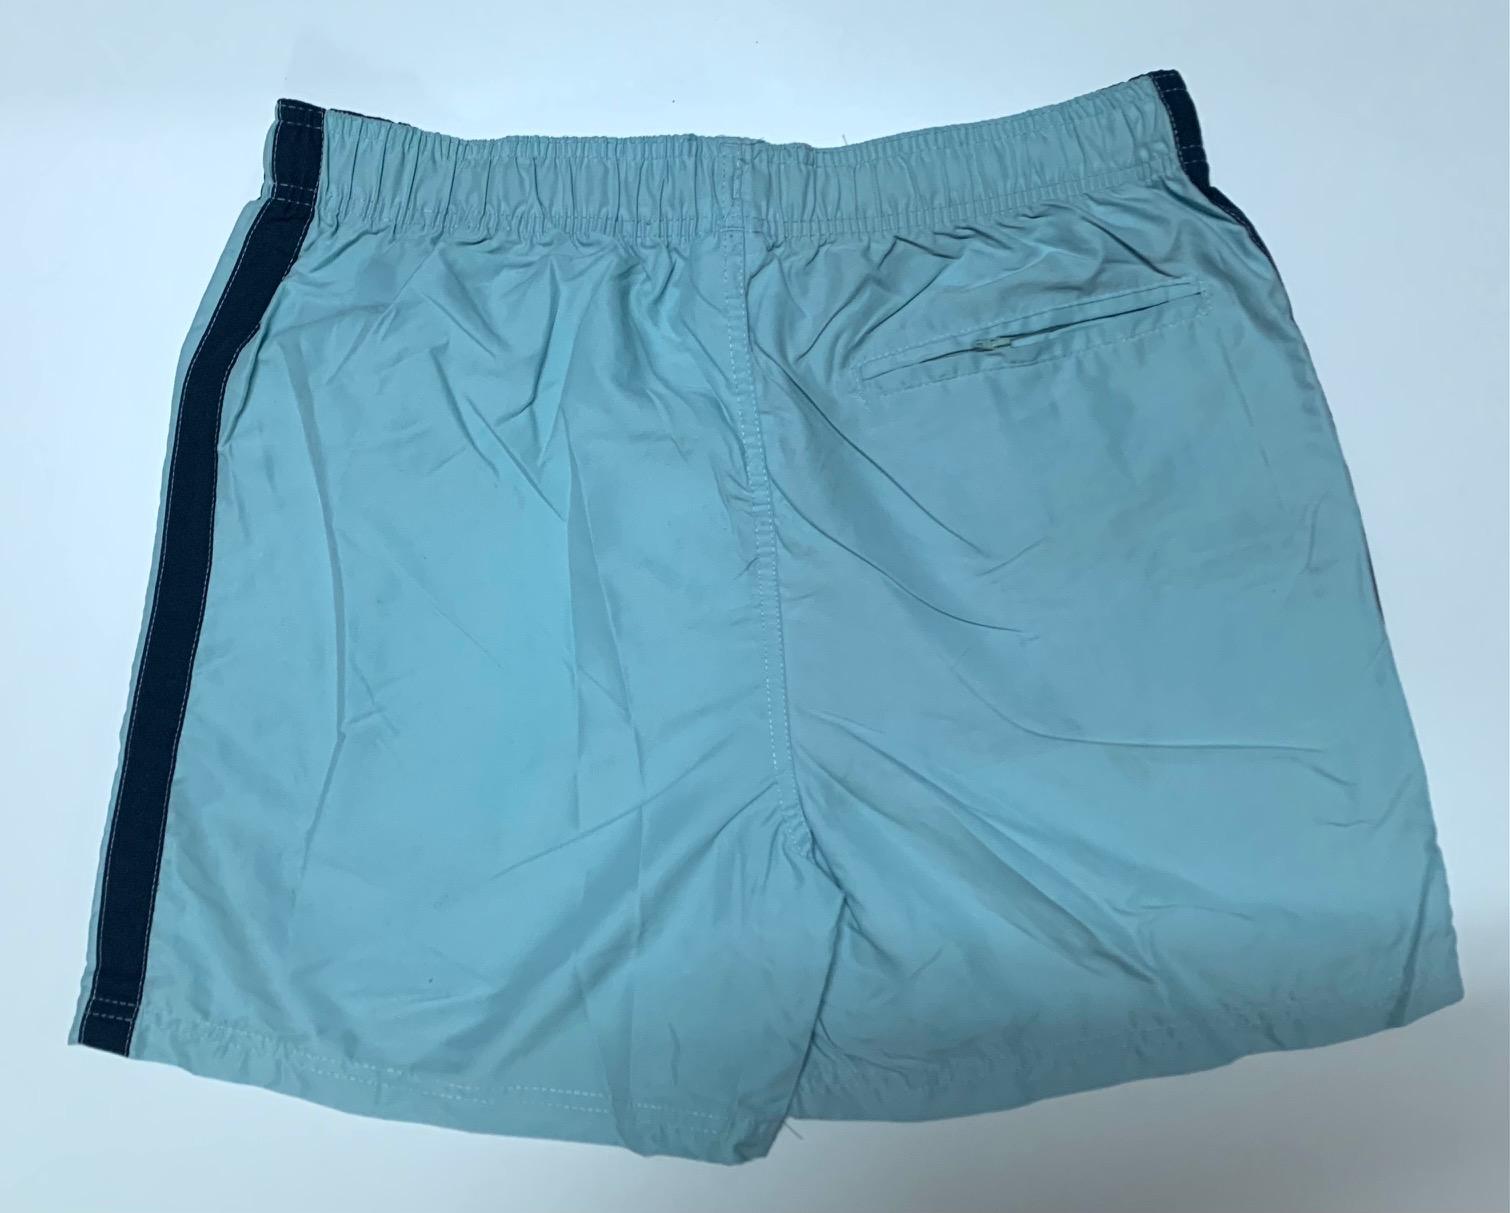 Топовые шорты мужские голубого цвета